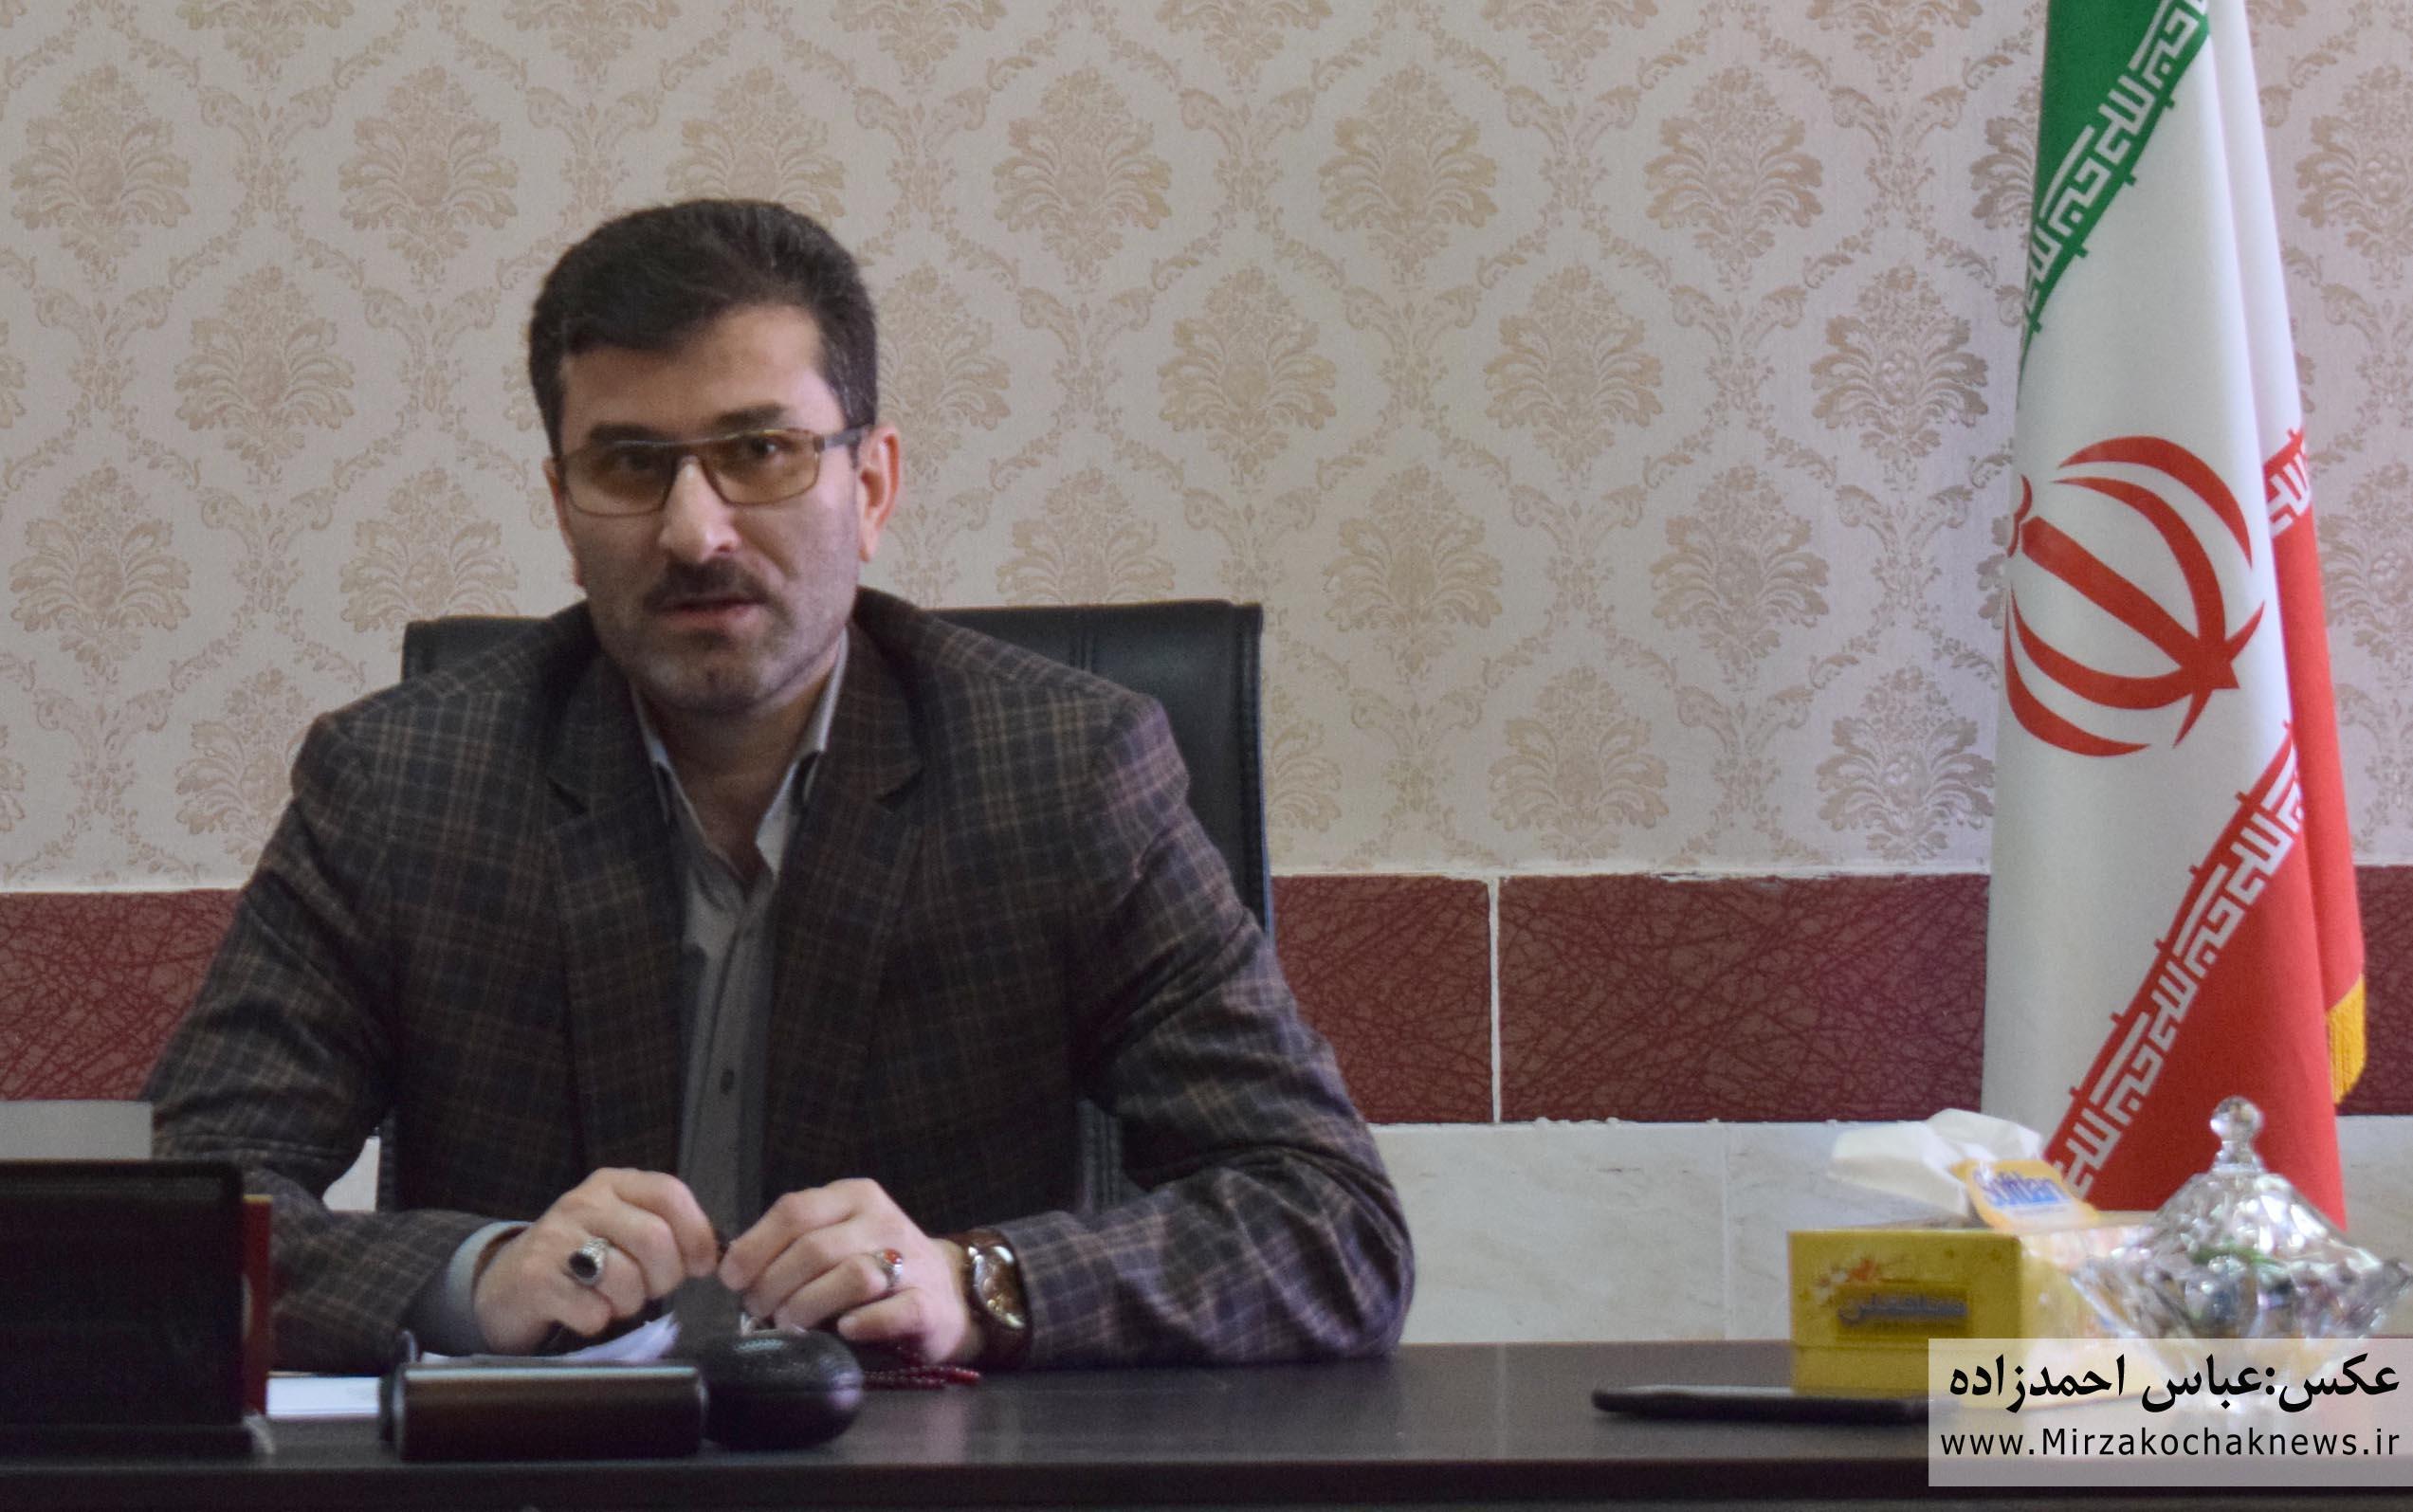 جشن هفته معلم برگزار میشود